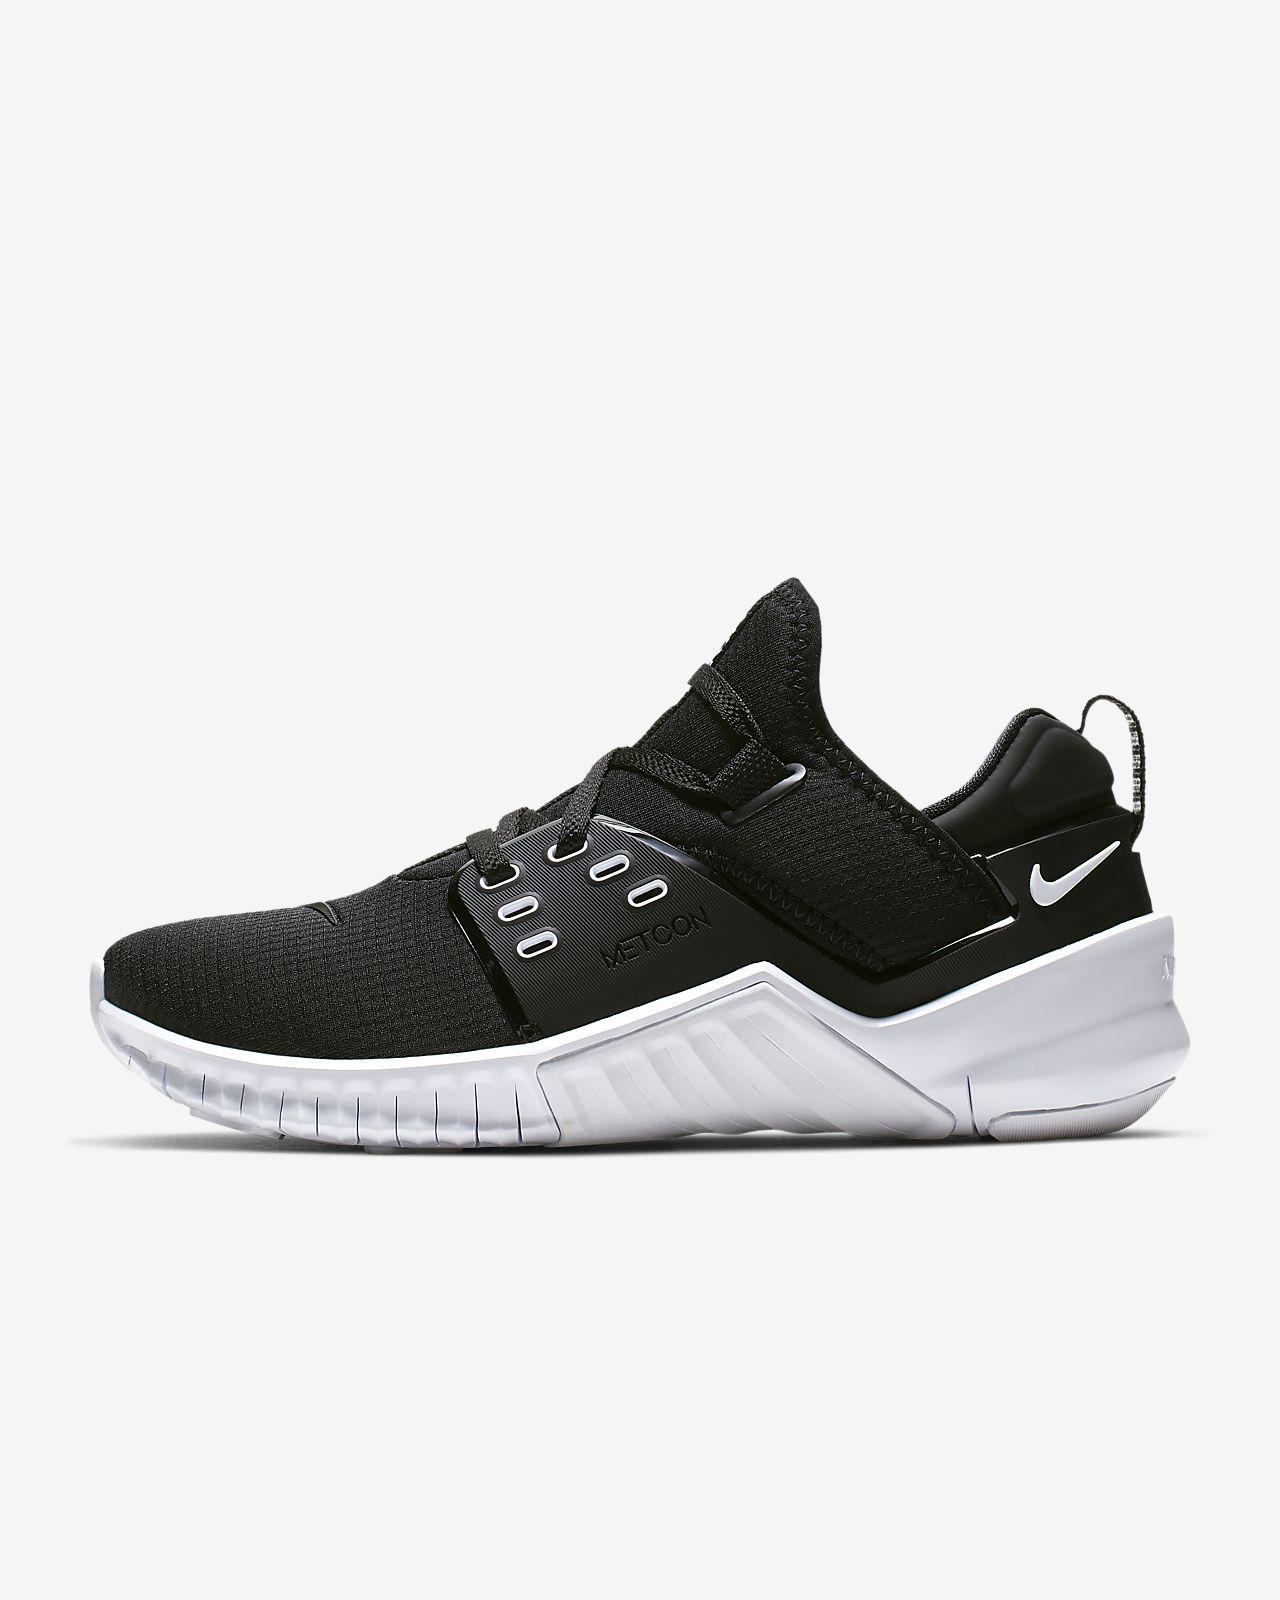 1d168cc05c4c Nike Free X Metcon 2 Women s Training Shoe. Nike.com